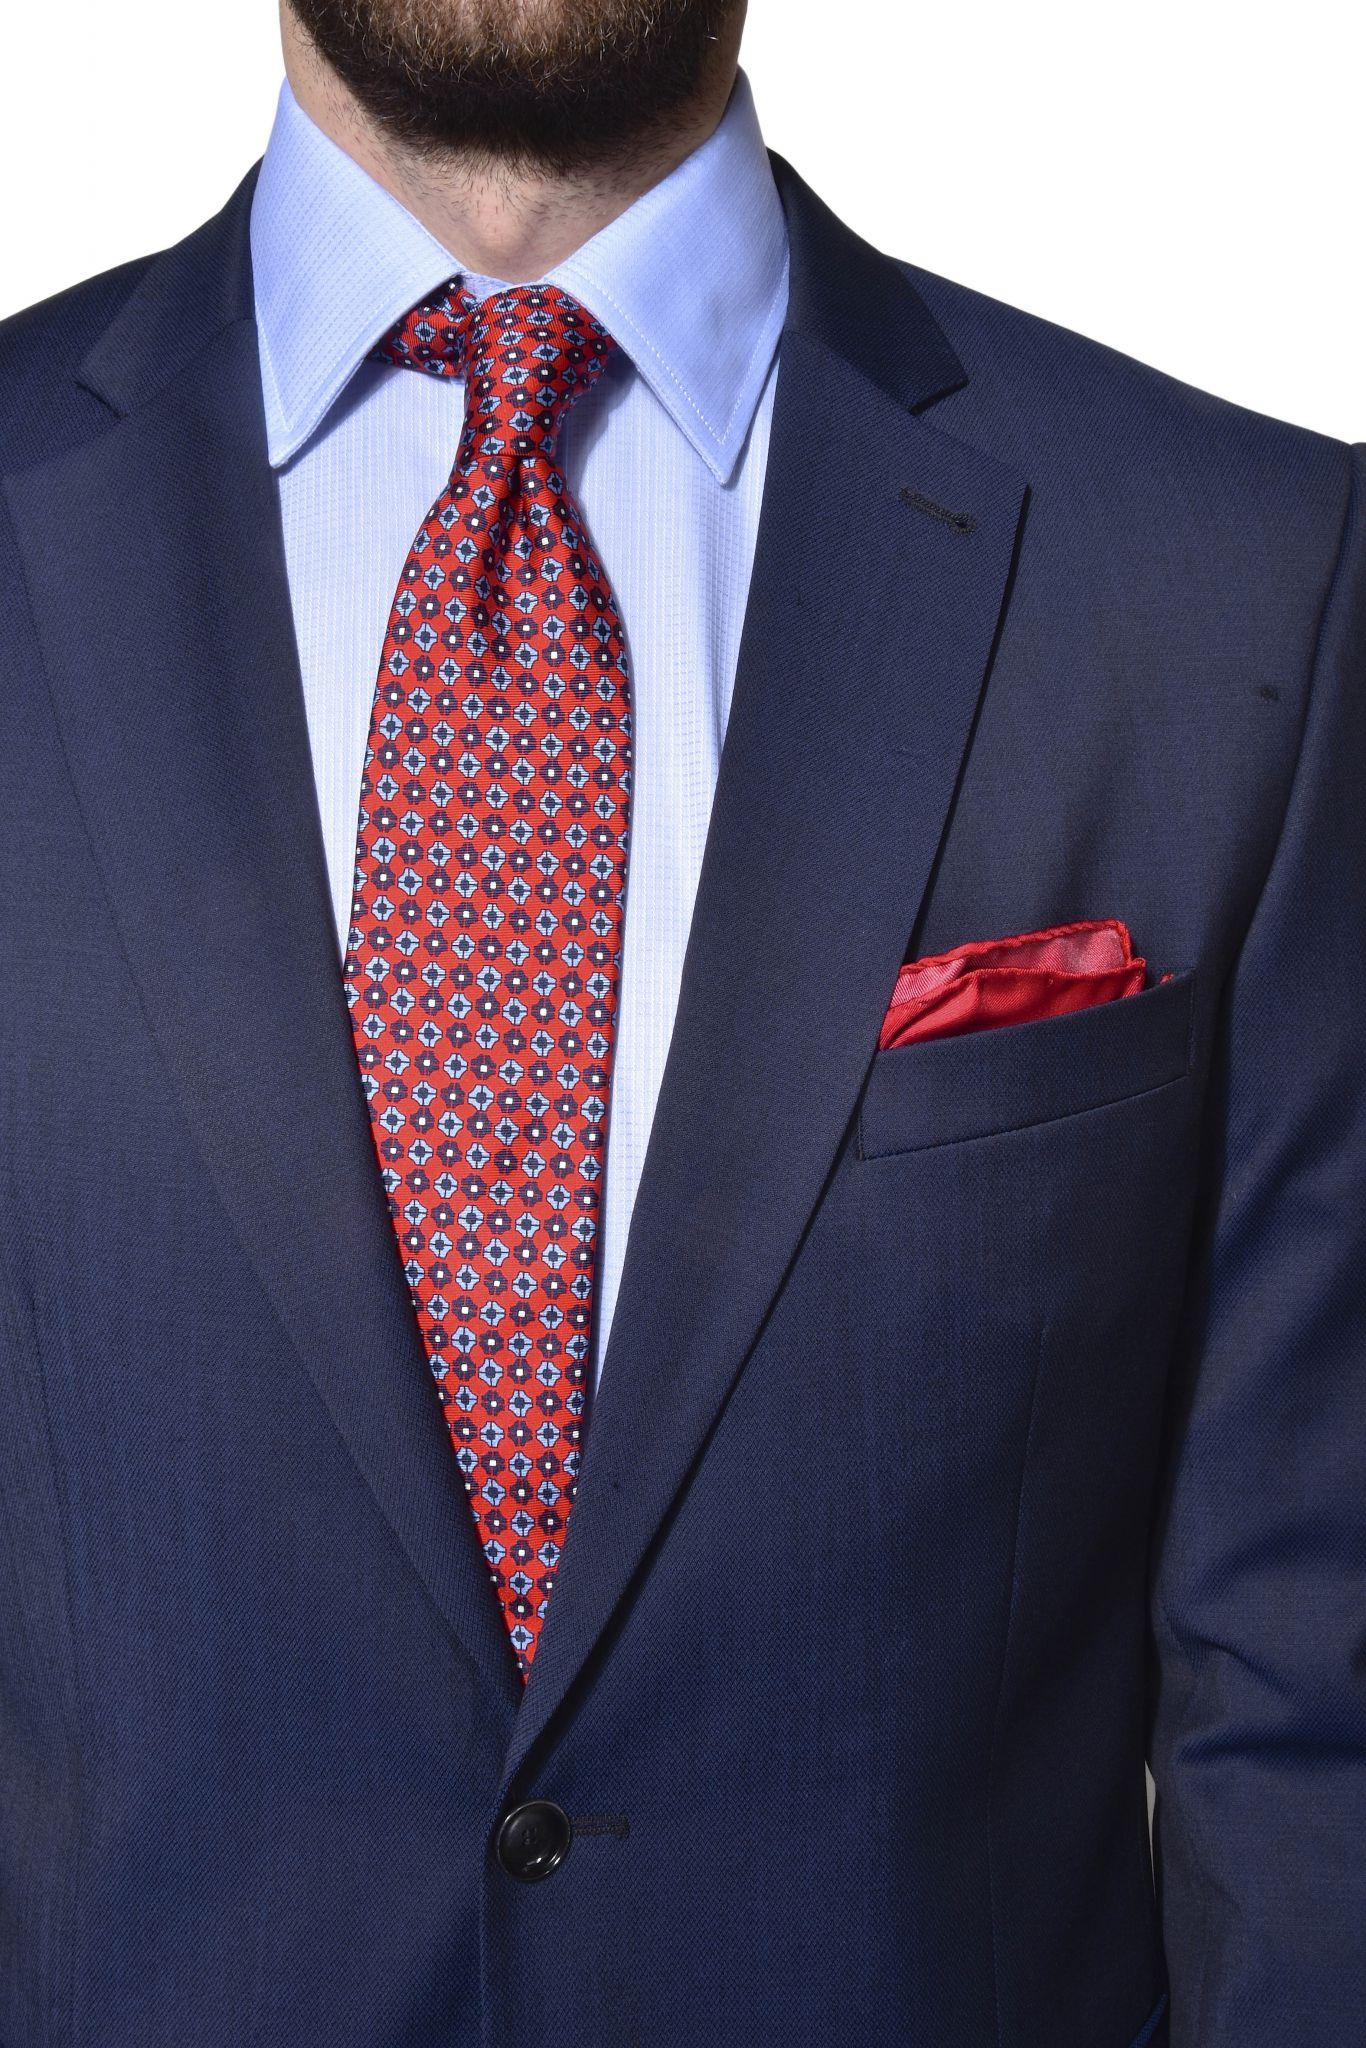 259dc0d5e84e Tmavomodrý vlnený Slim Fit oblek - Obleky - E-shop